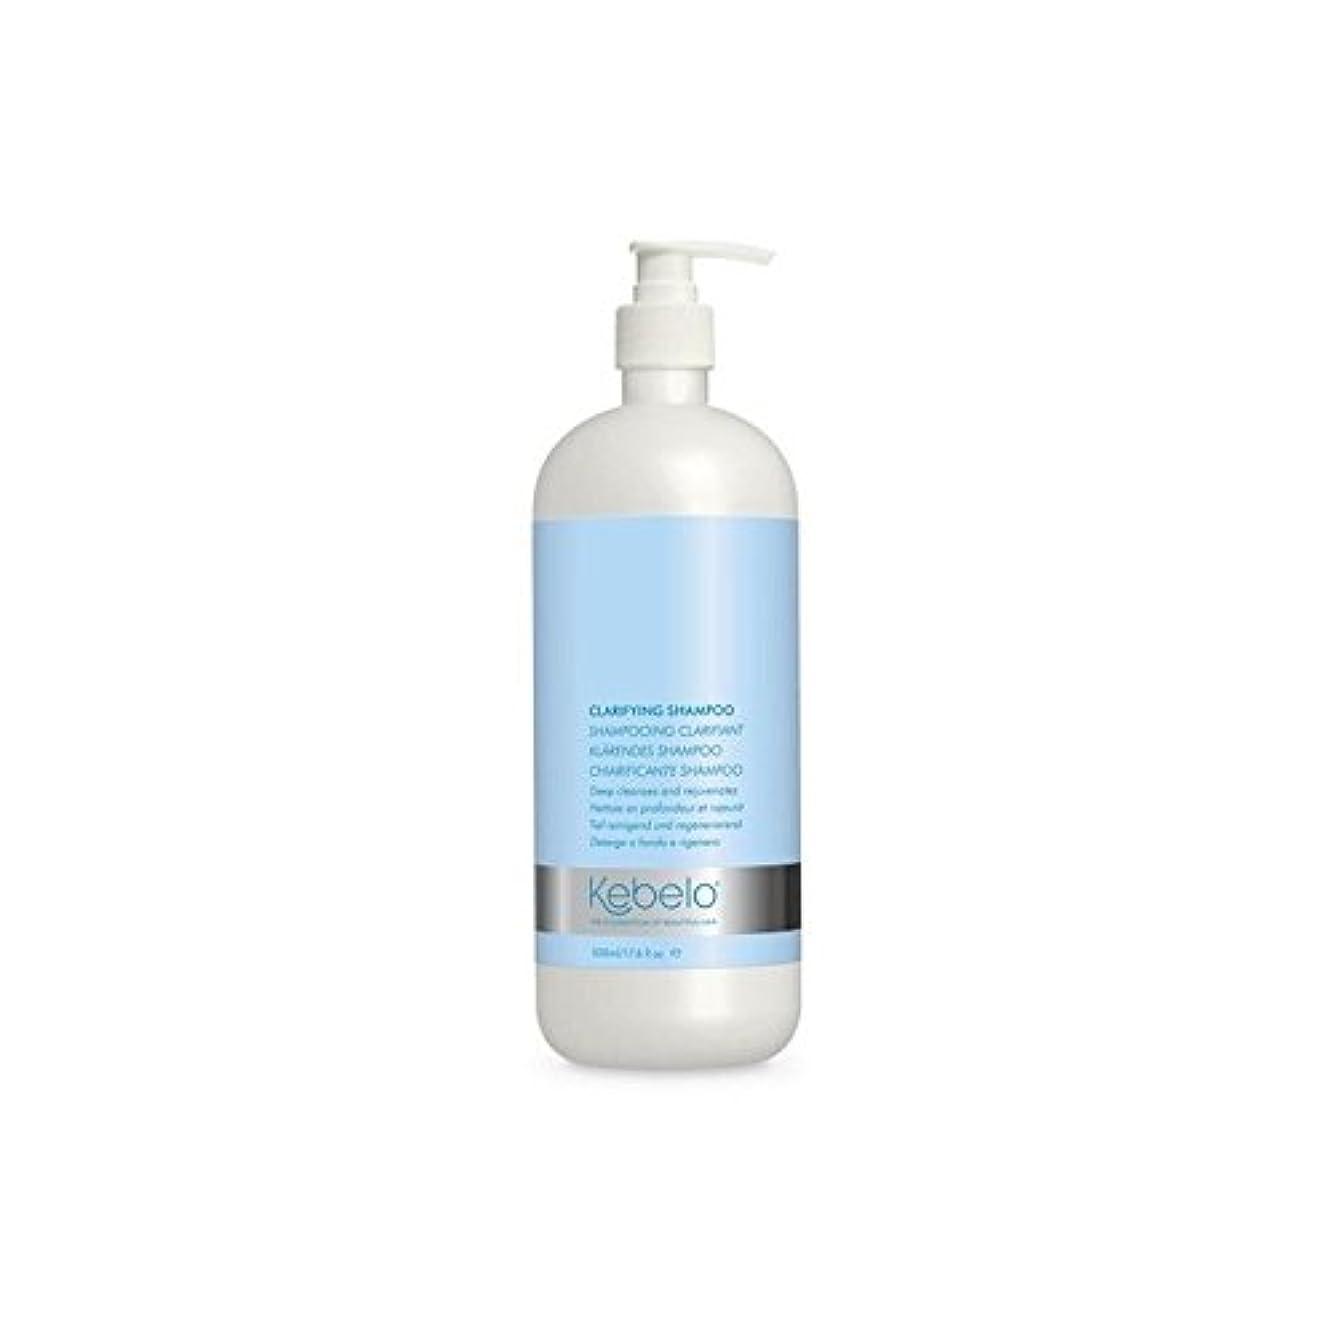 モーション一節溶かす明確化シャンプー(500ミリリットル) x2 - Kebelo Clarifying Shampoo (500ml) (Pack of 2) [並行輸入品]